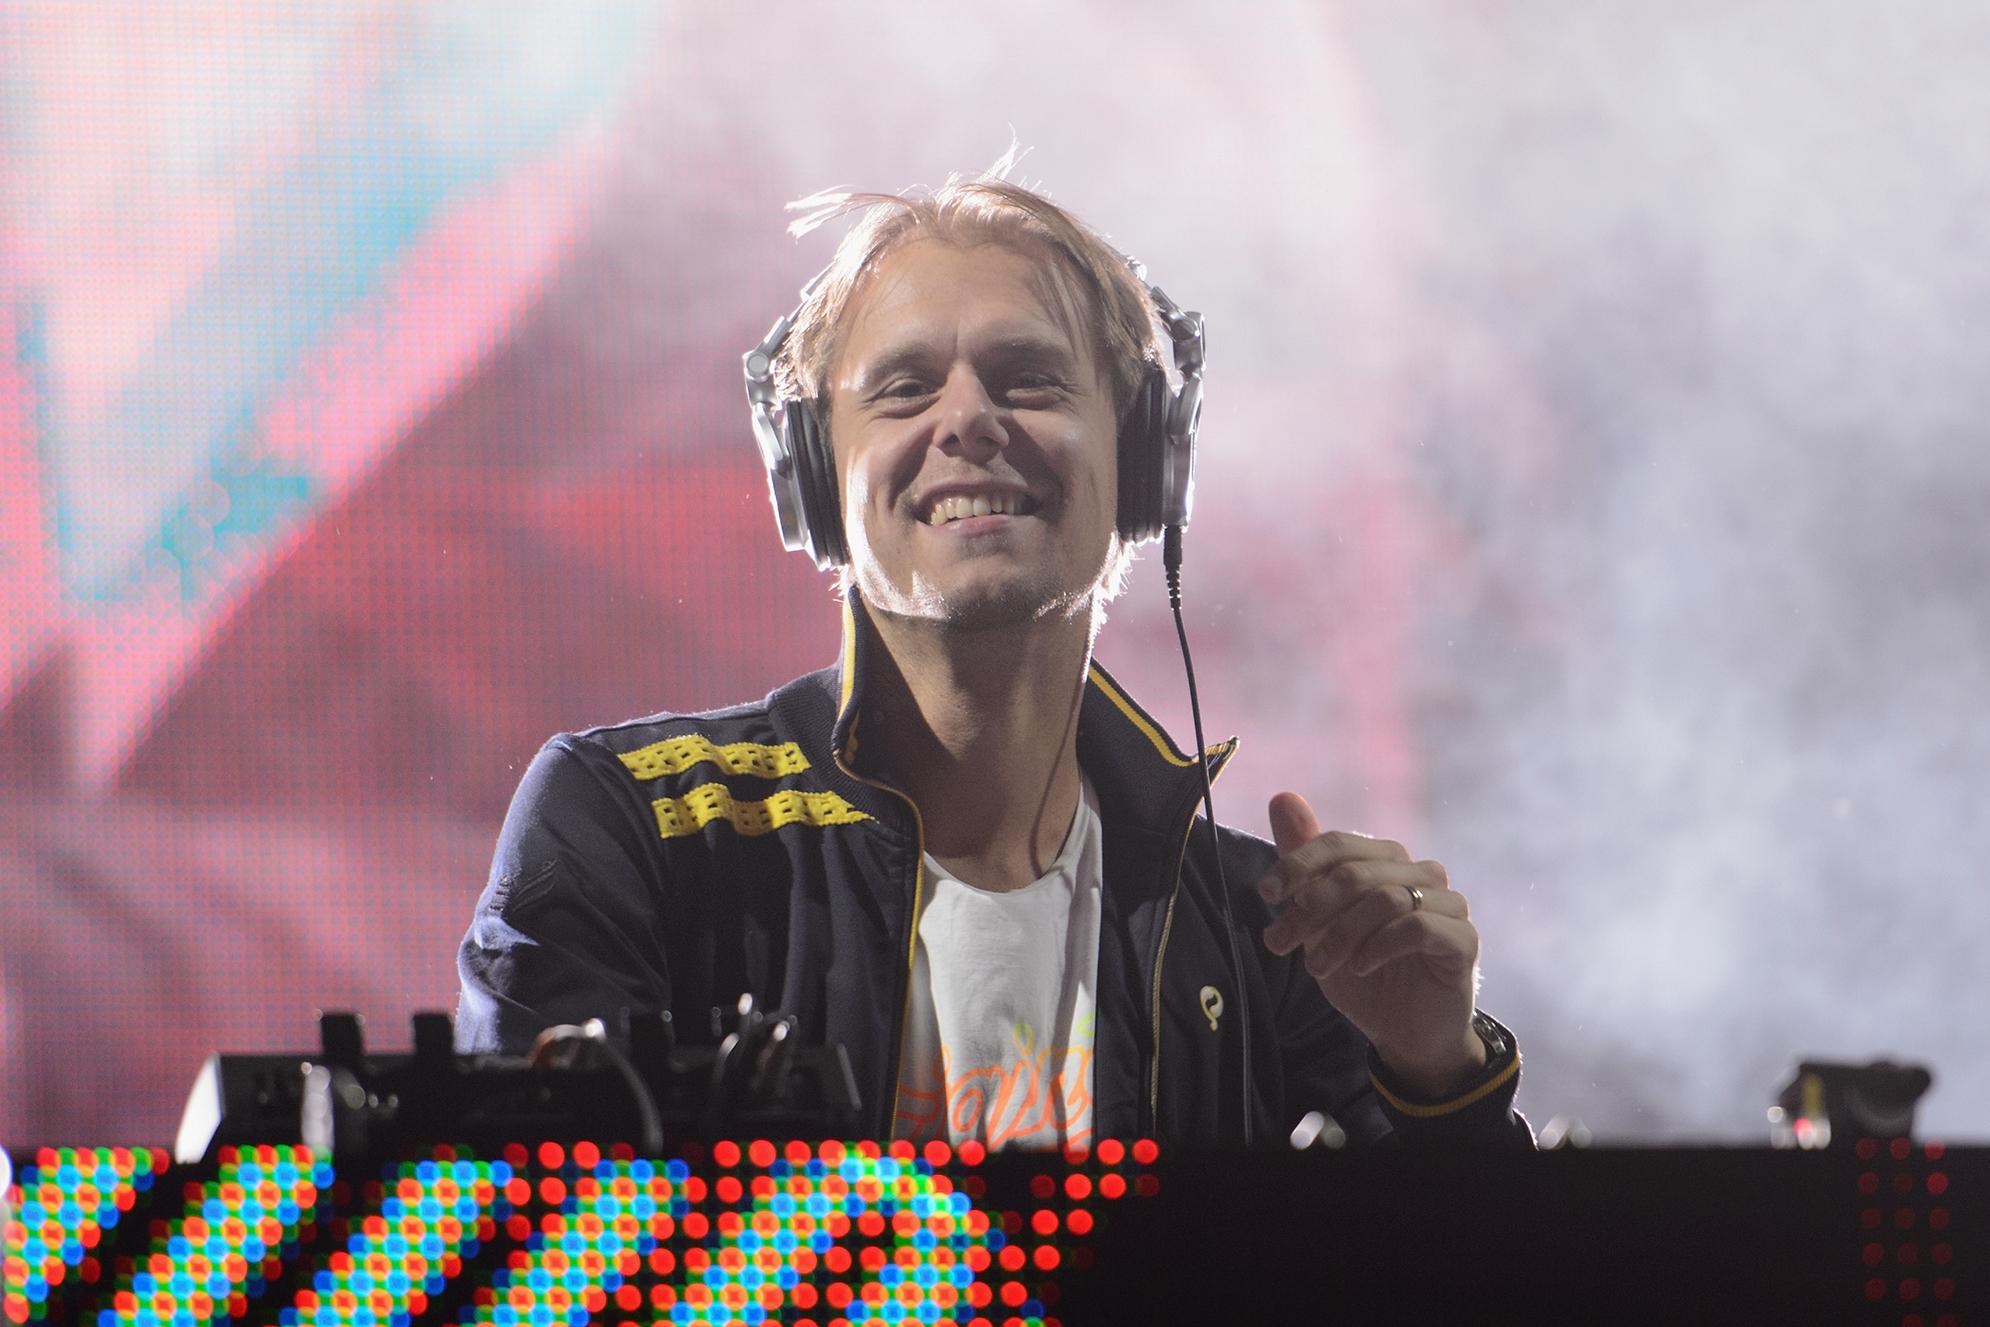 Armin Van Buuren Hd Wallpaper